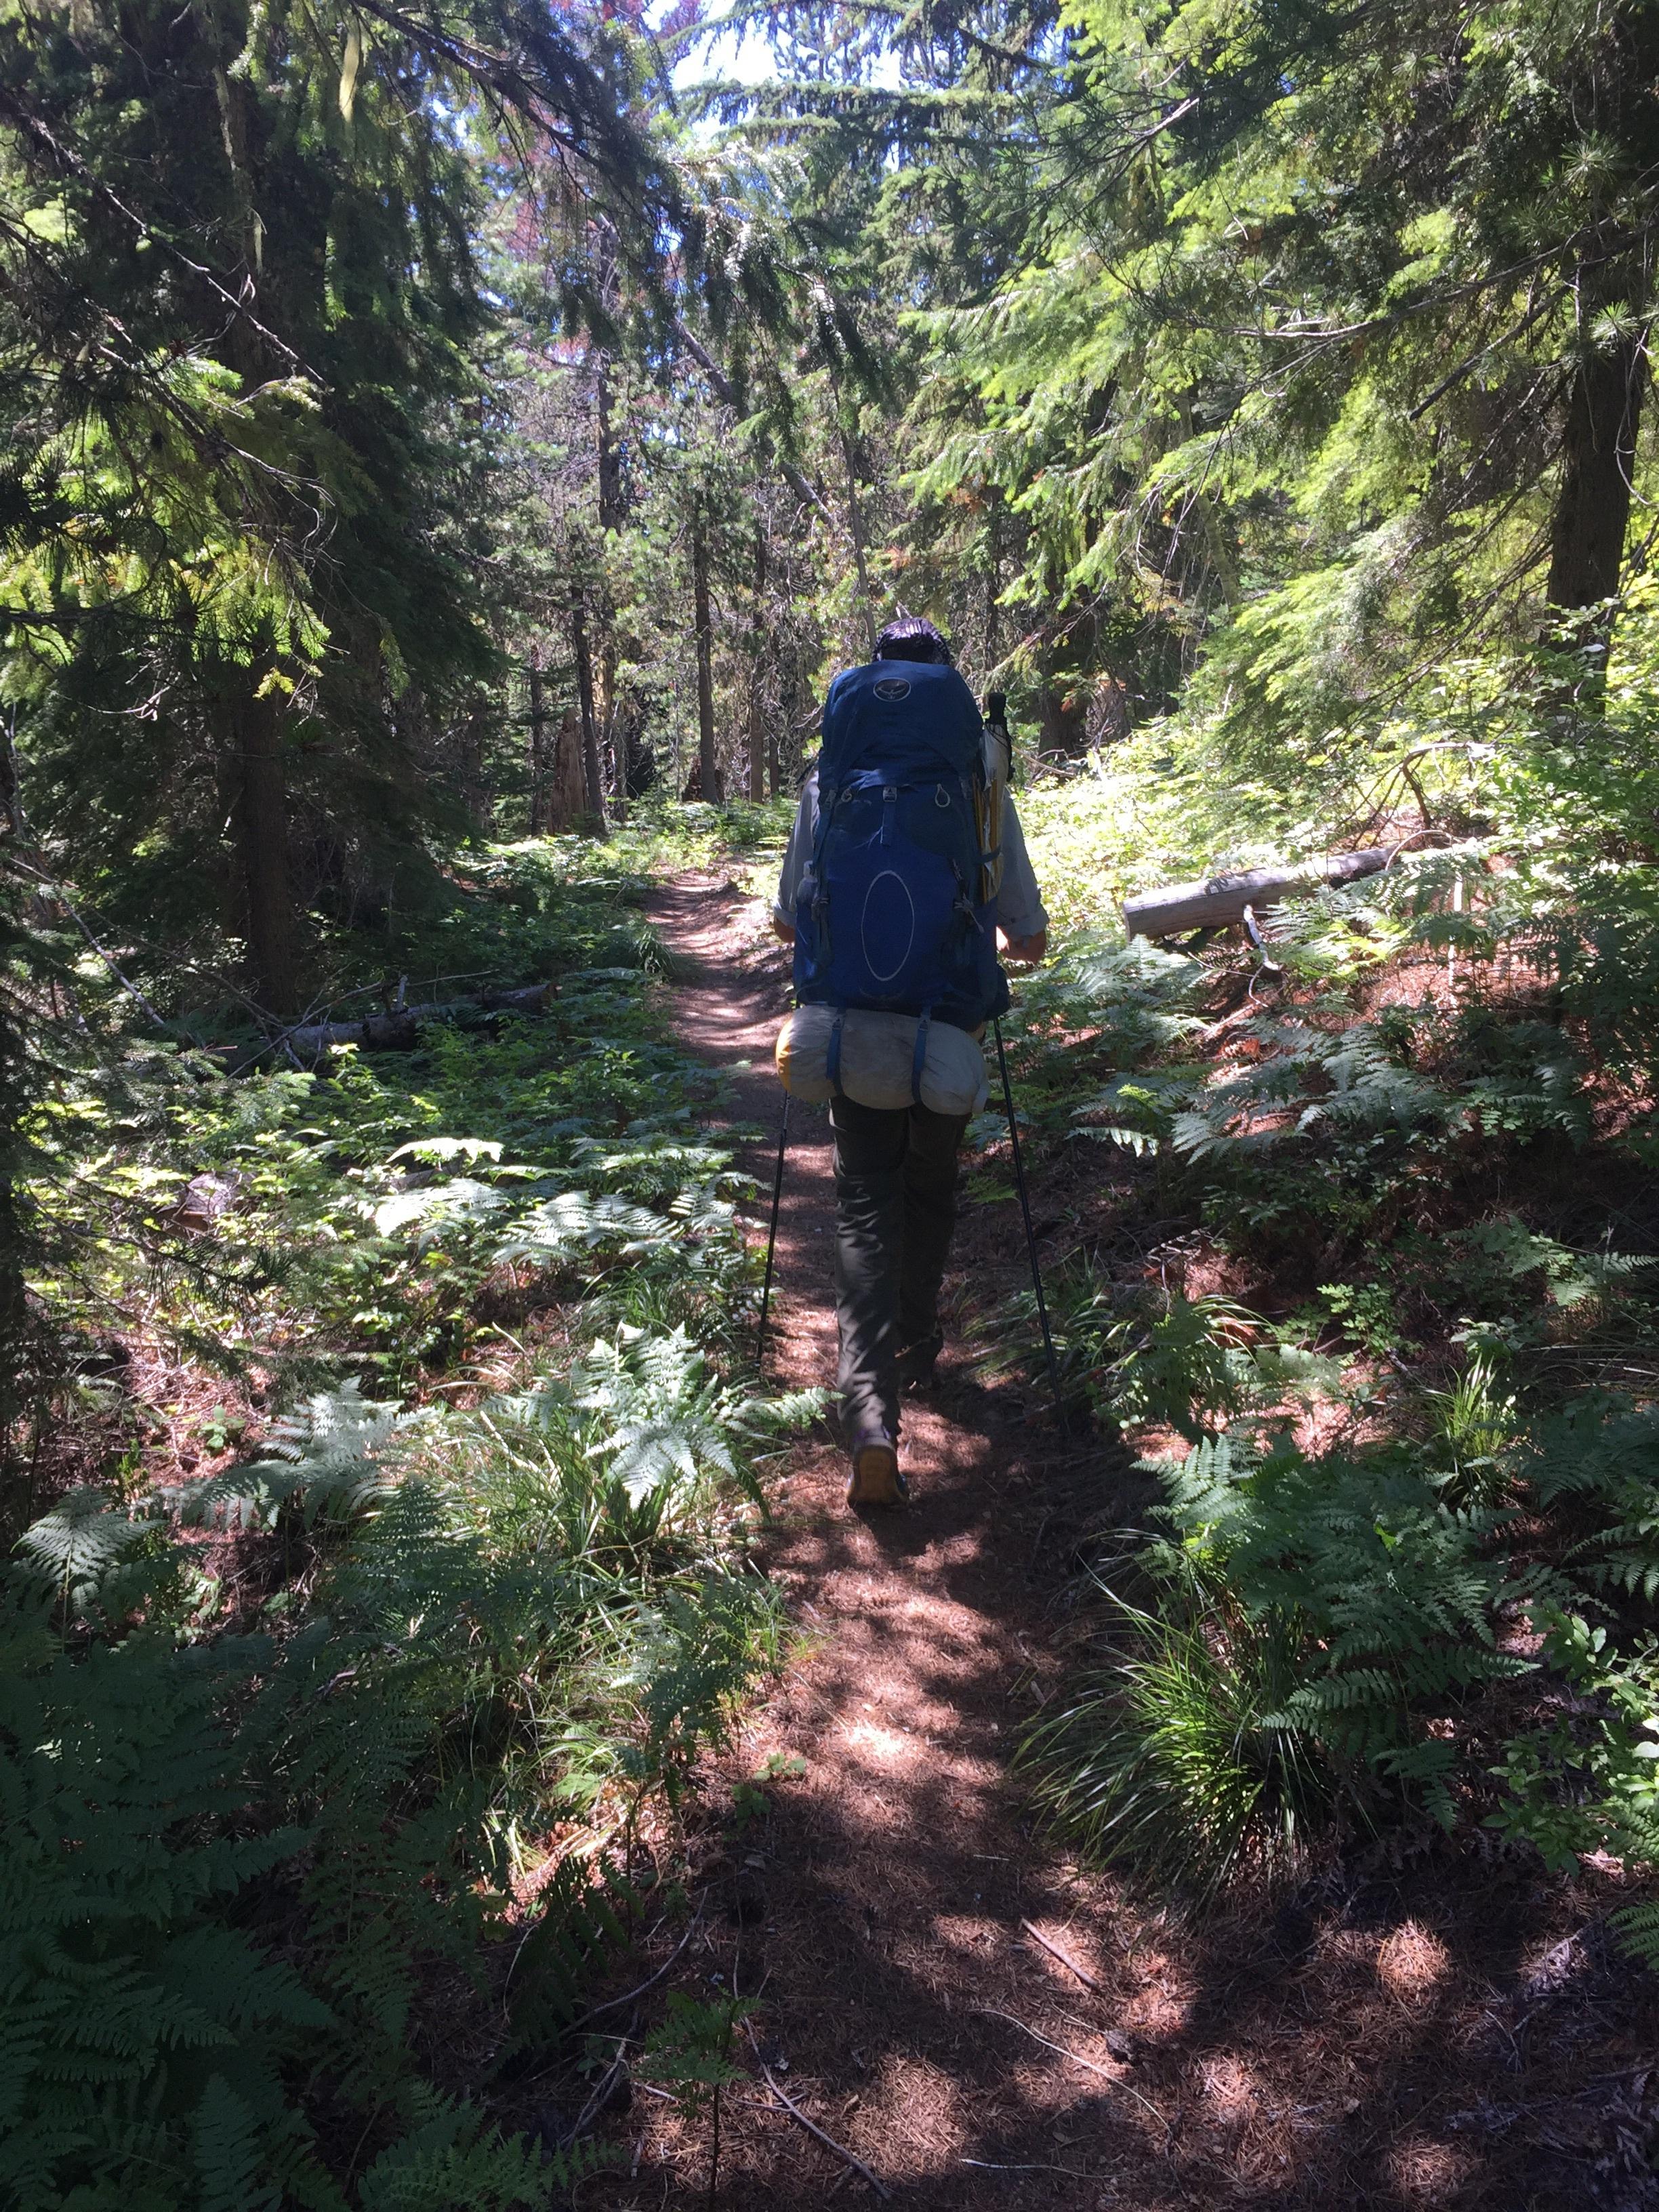 Plenty of shady forest walking today